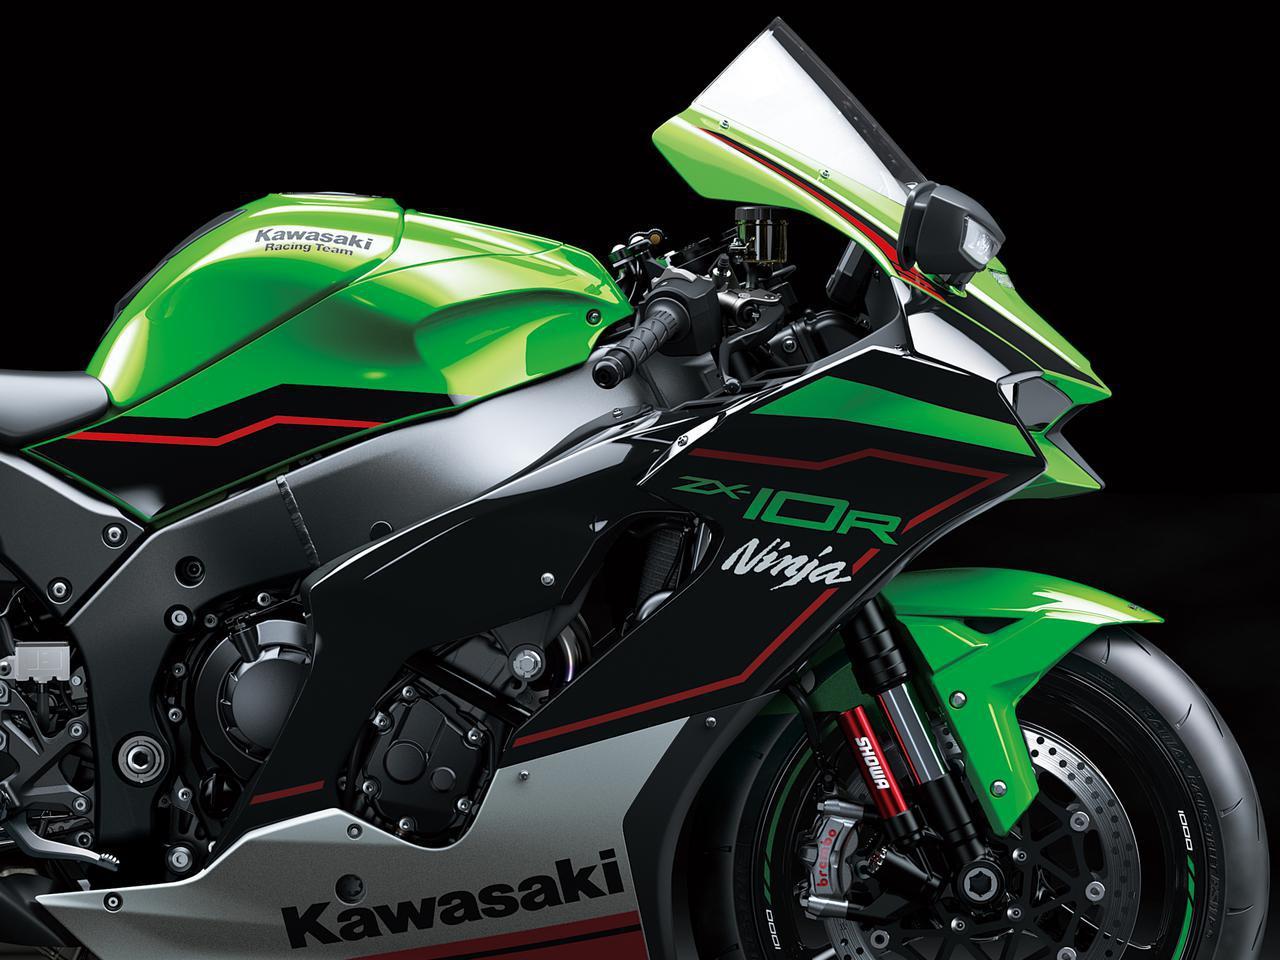 画像: カワサキ新型「Ninja ZX-10R」概要- webオートバイ